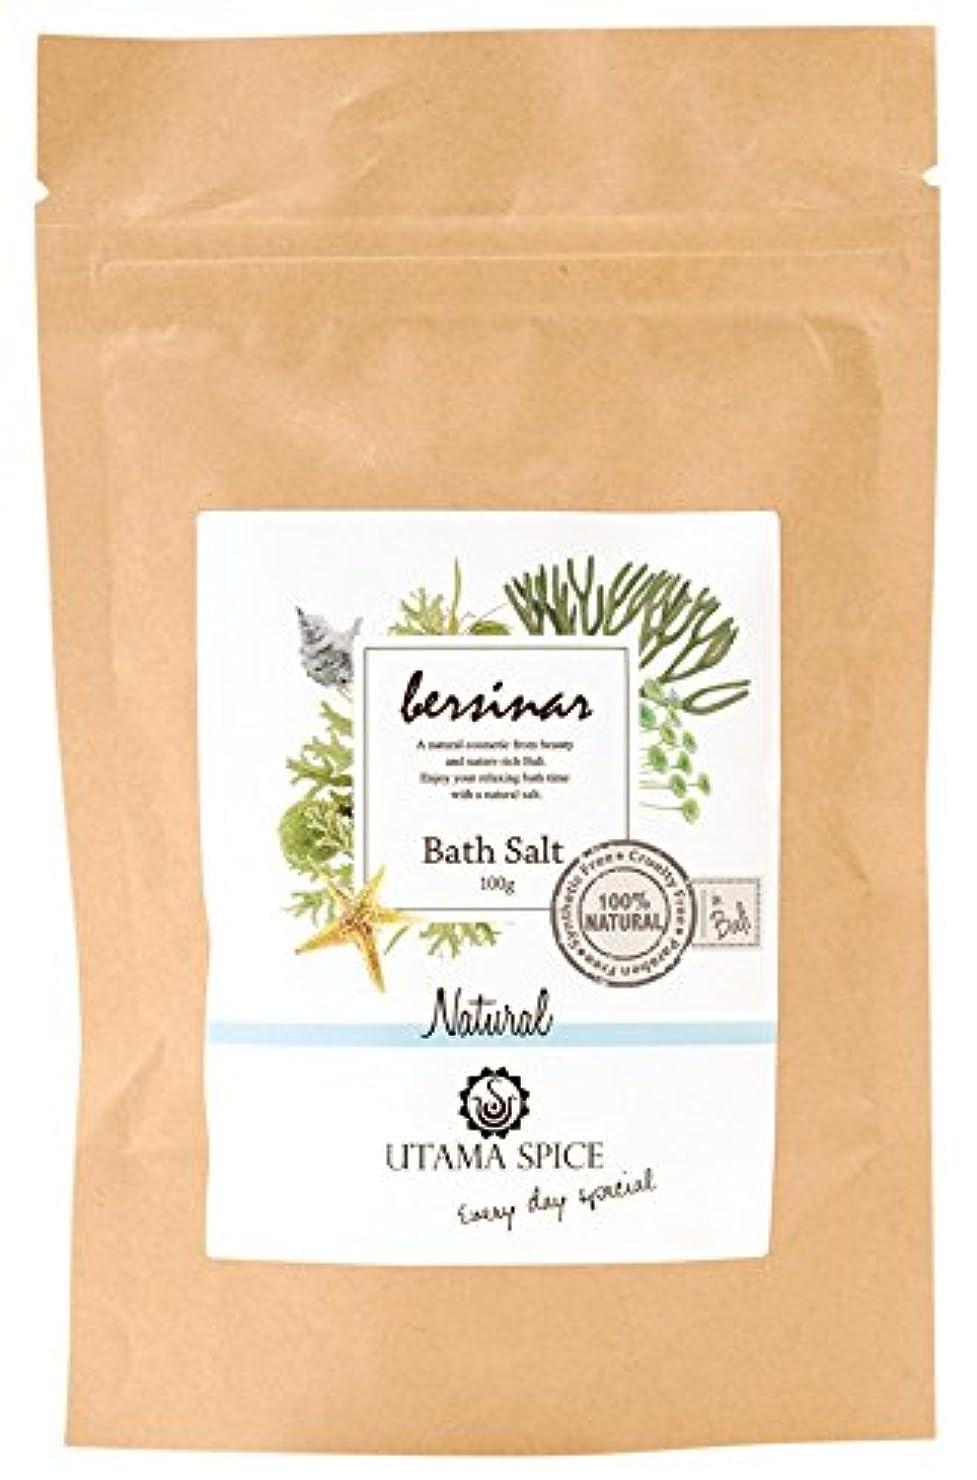 概要強打突然ウタマスパイス 入浴剤 バスソルト ベルシナル 無香料 100g 2回分 OB-UTS-1-1